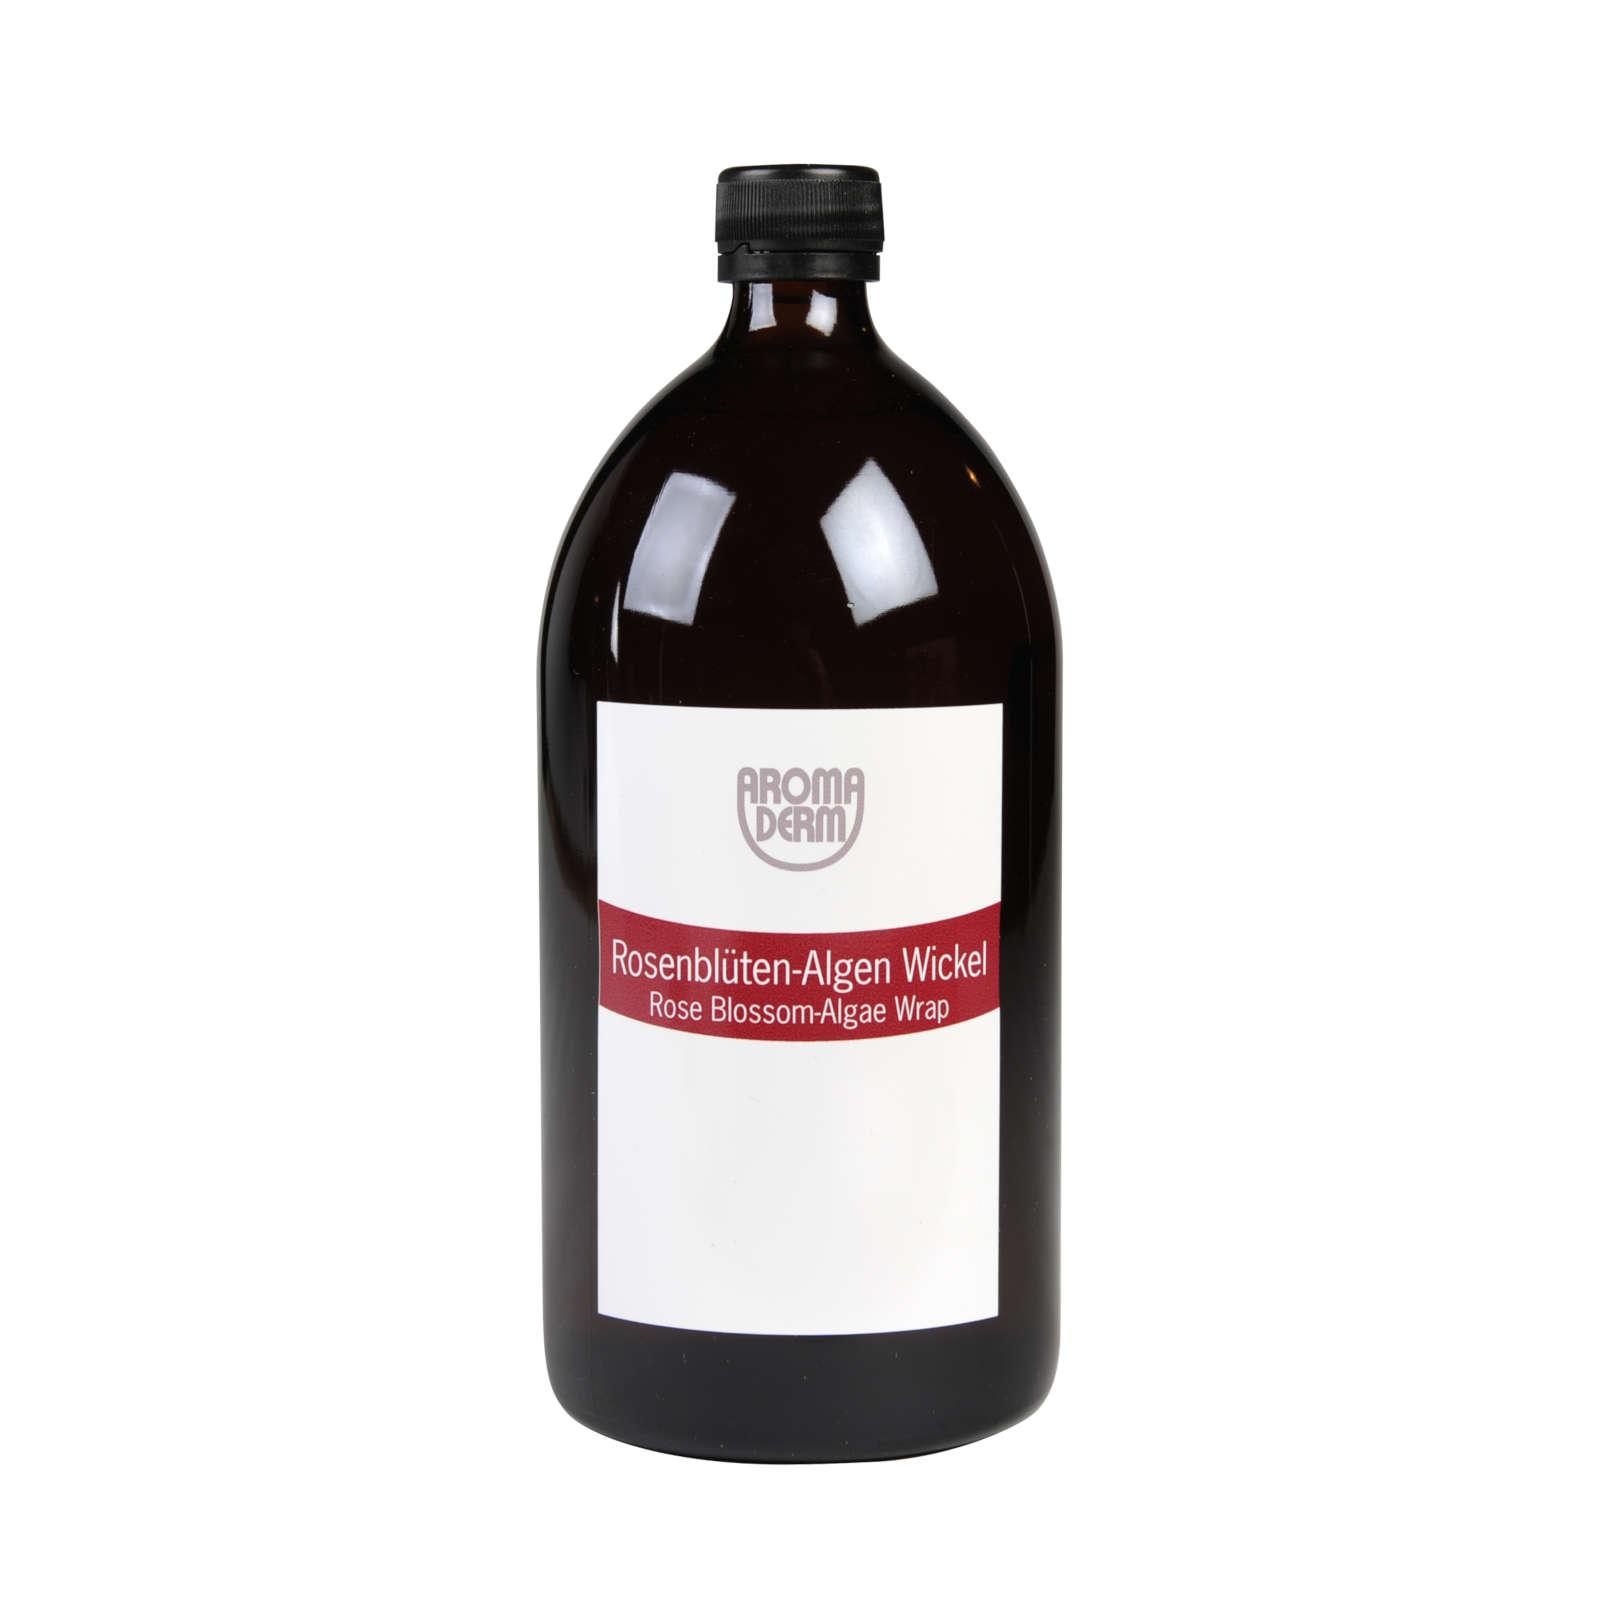 82056 Rosenblüten-Algen Wickel 1000 ml